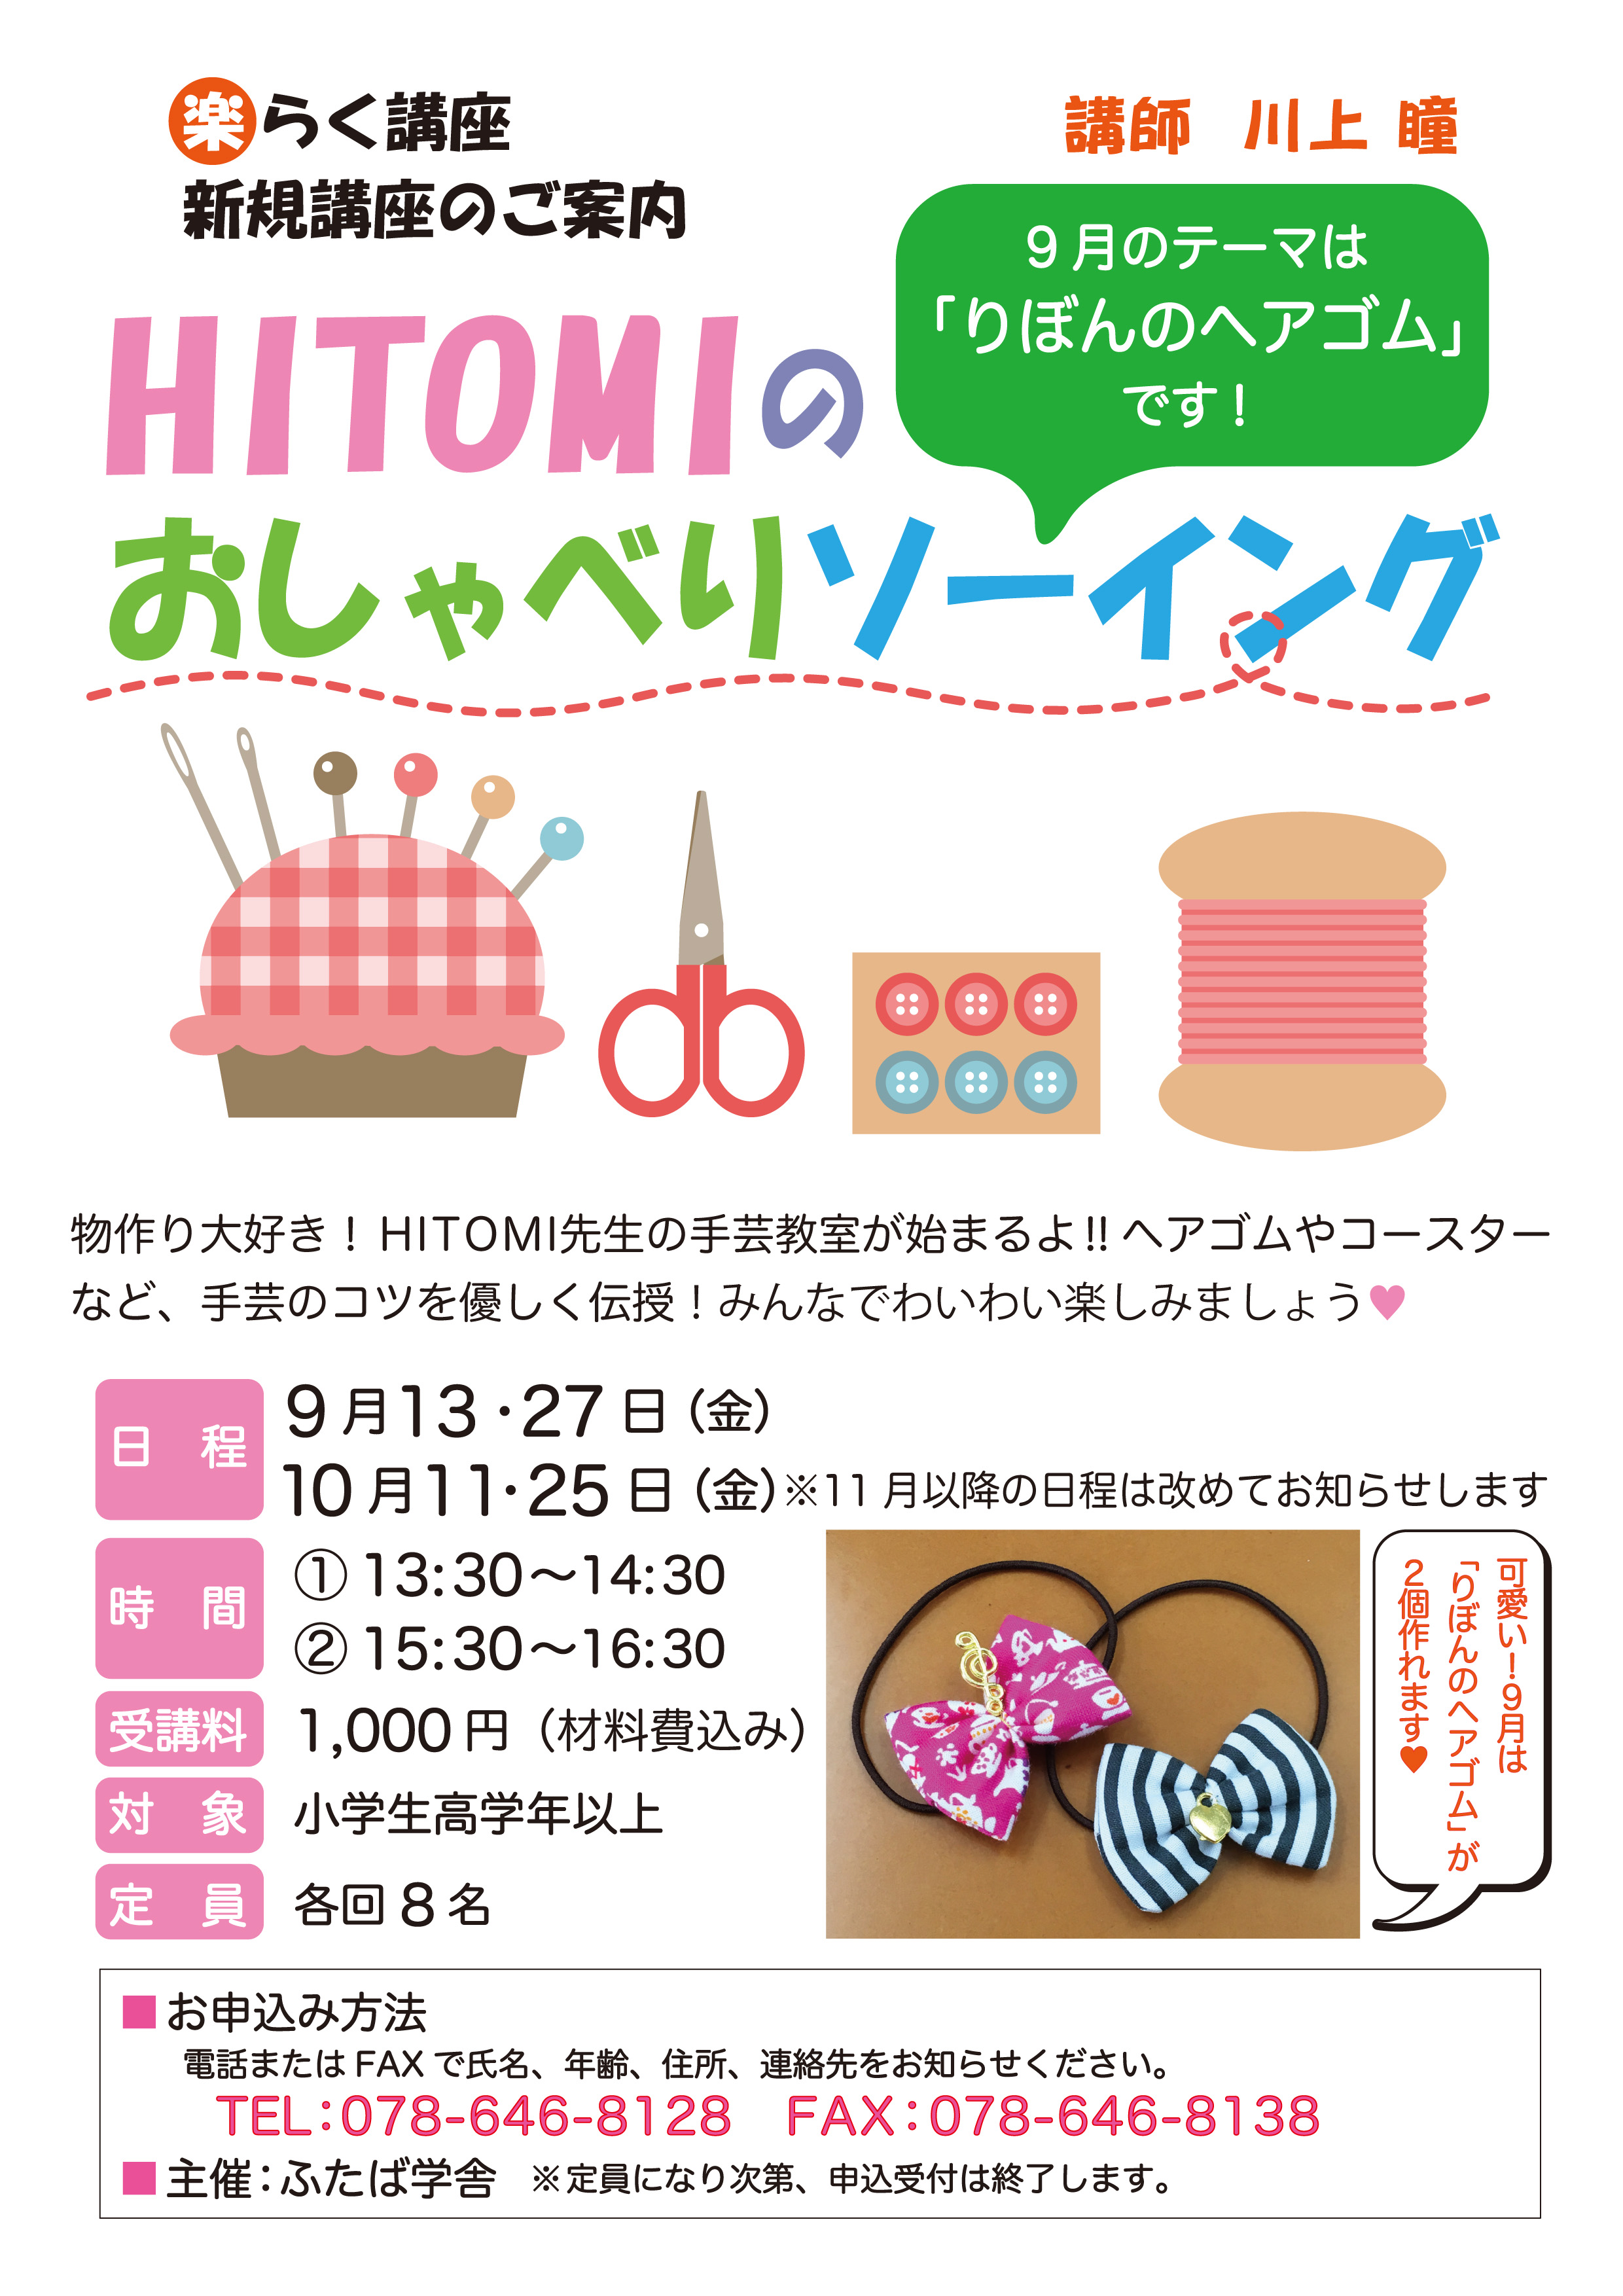 楽らく講座 HITOMIのおしゃべりソーイング